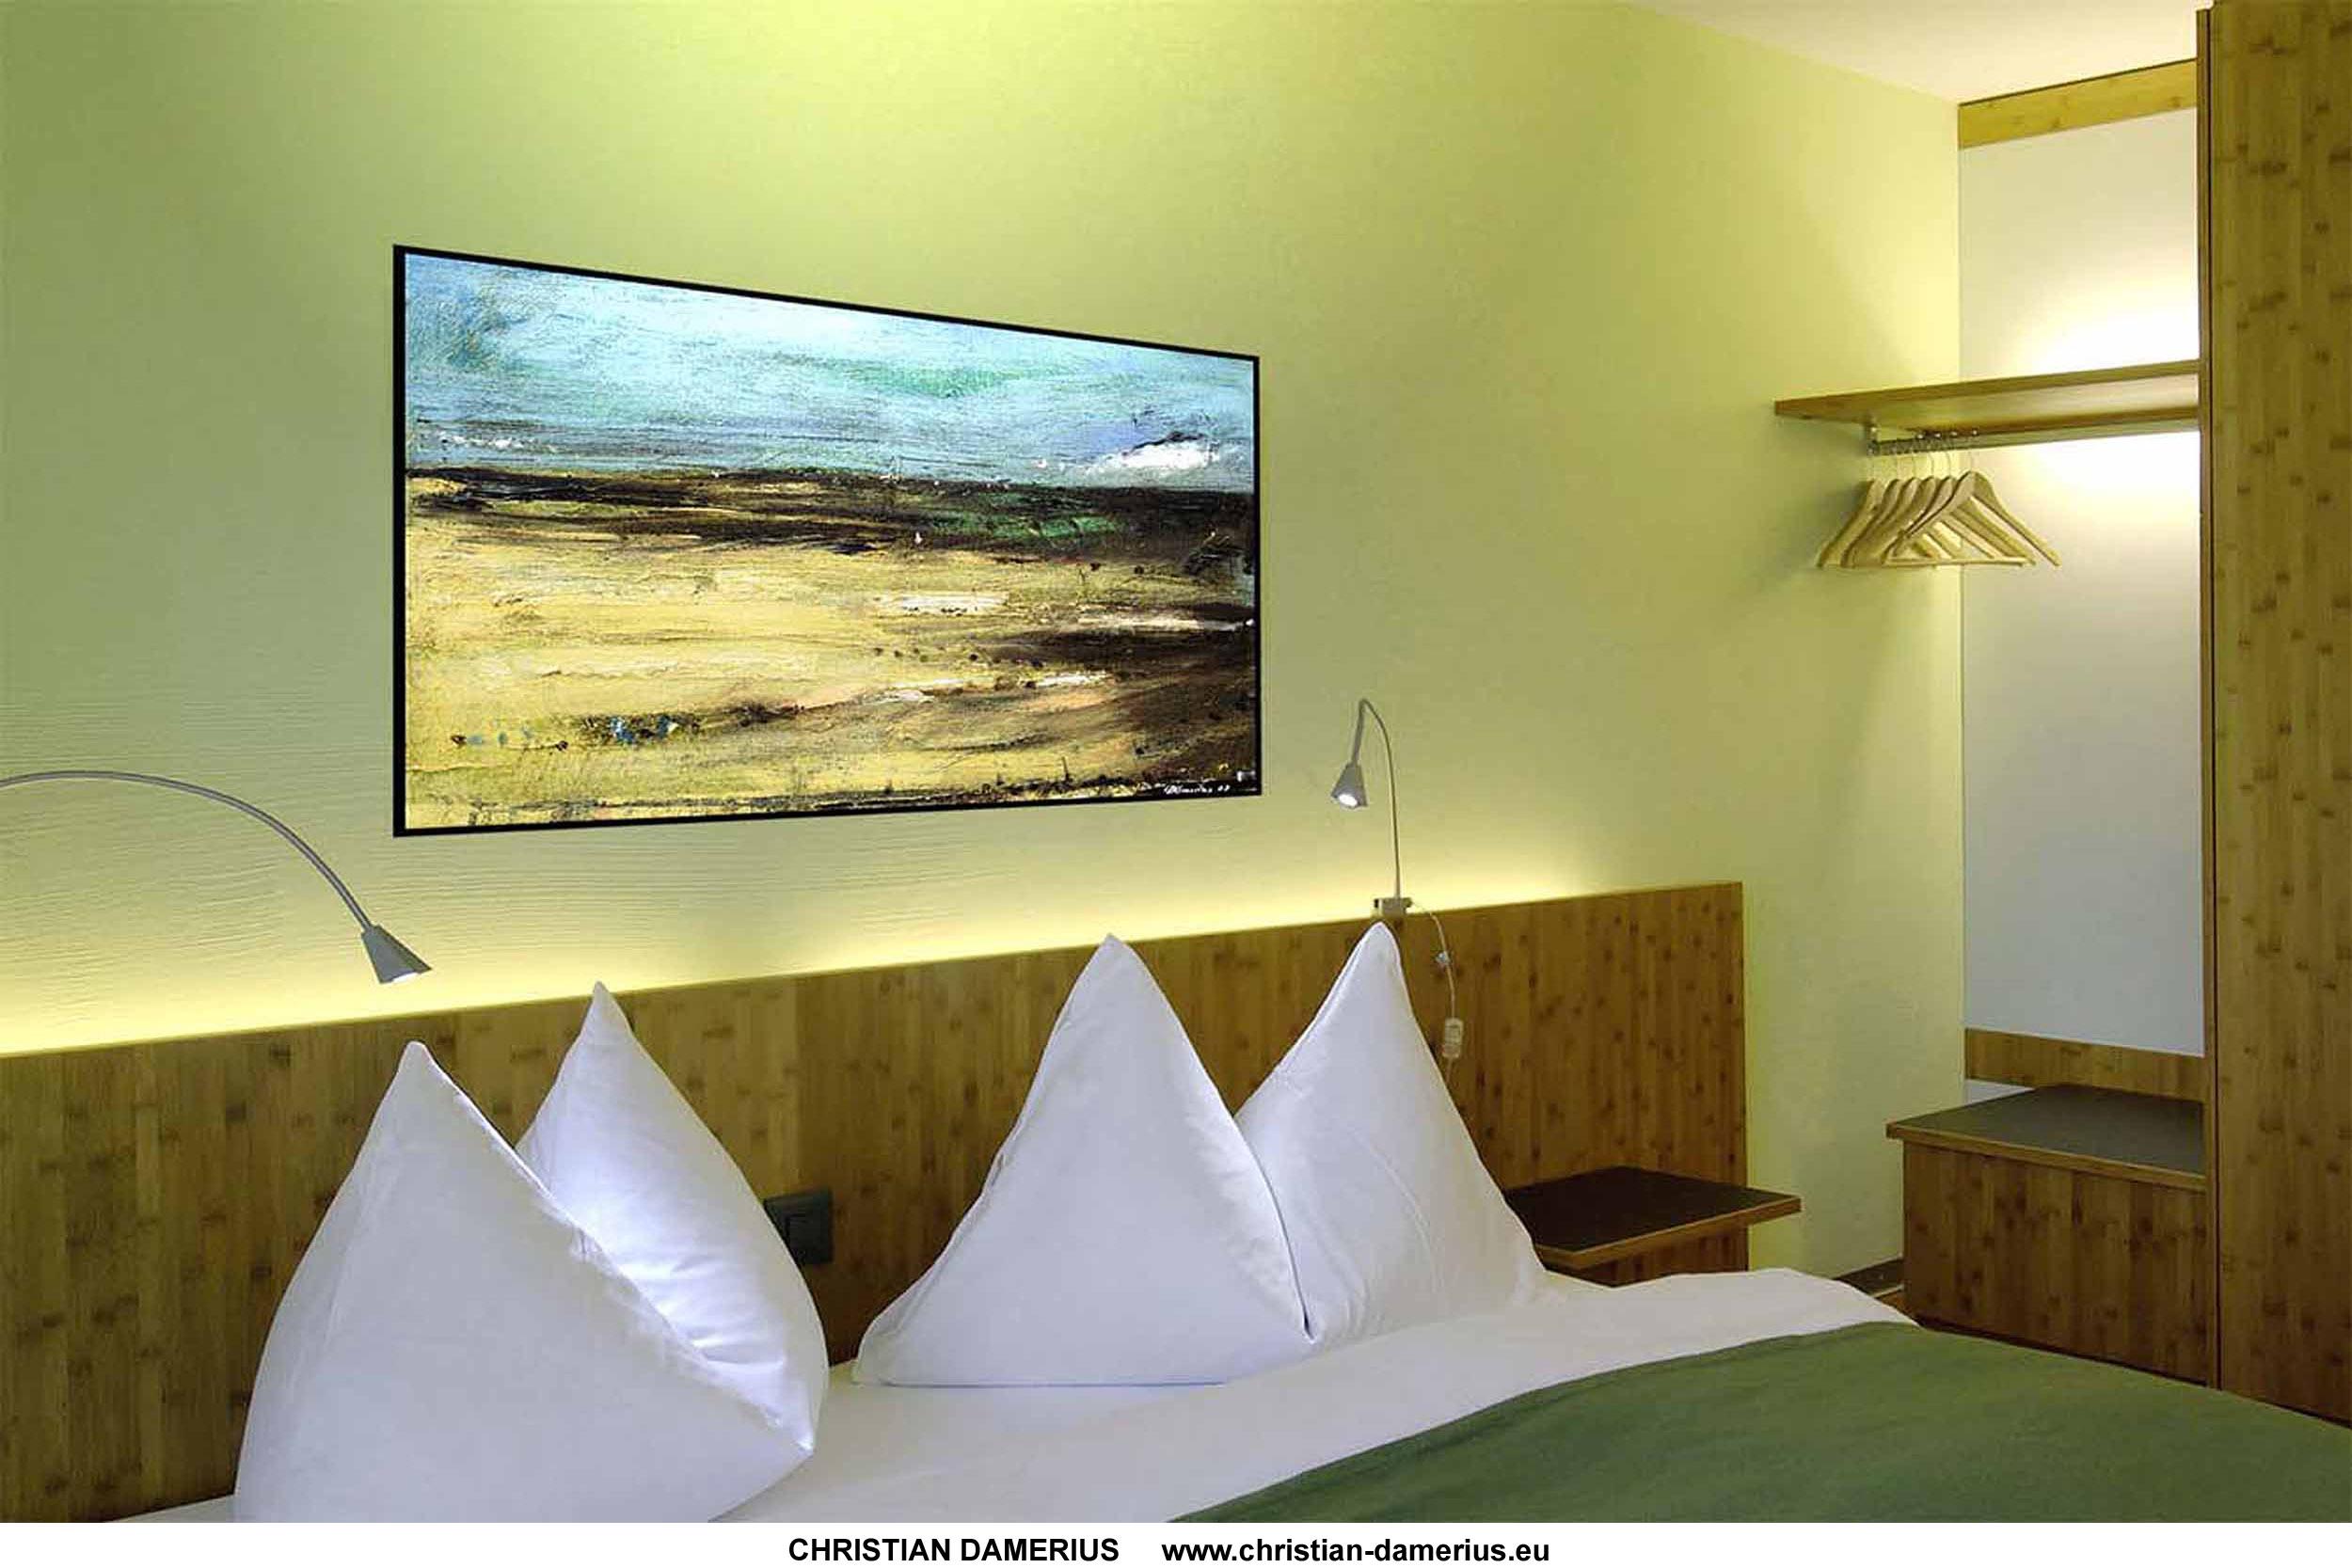 wohnzimmer kunst wandgestaltung, christian damerius,wandgestaltung,raumgestaltung mit bildern,moderne, Design ideen